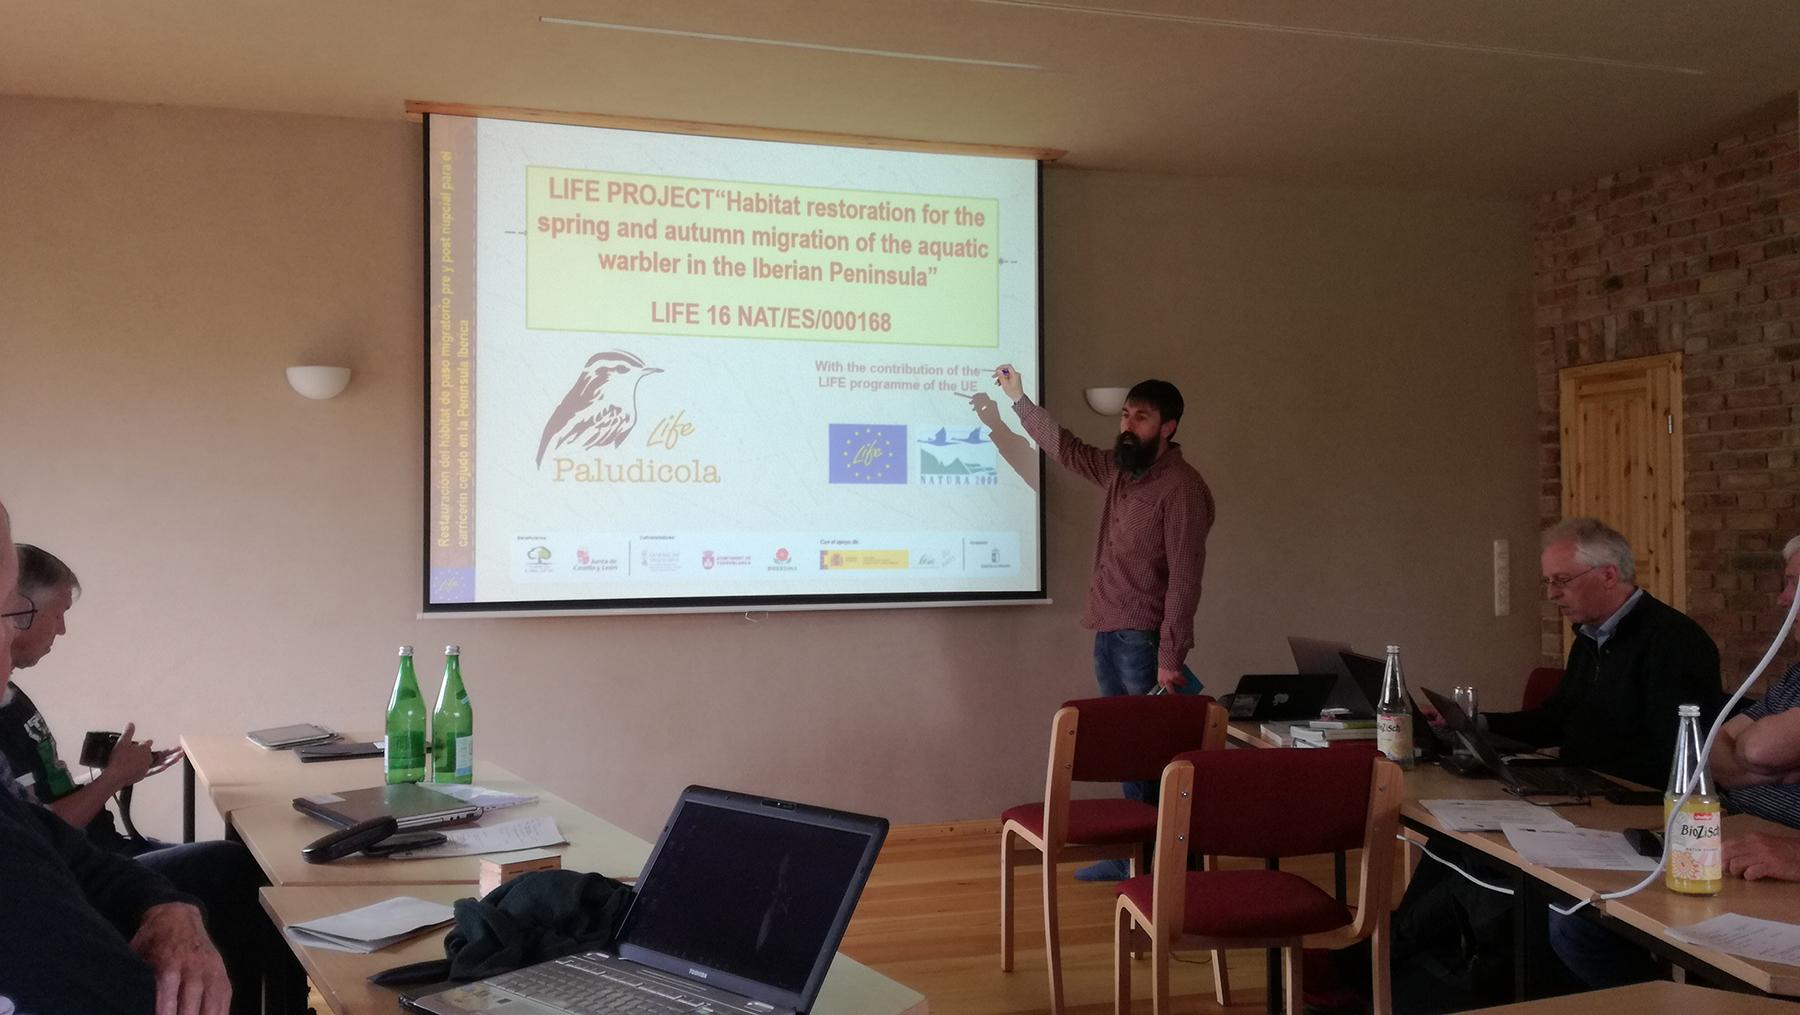 Participamos en la reunión del Aquatic Warbler Conservation Team (AWCT)